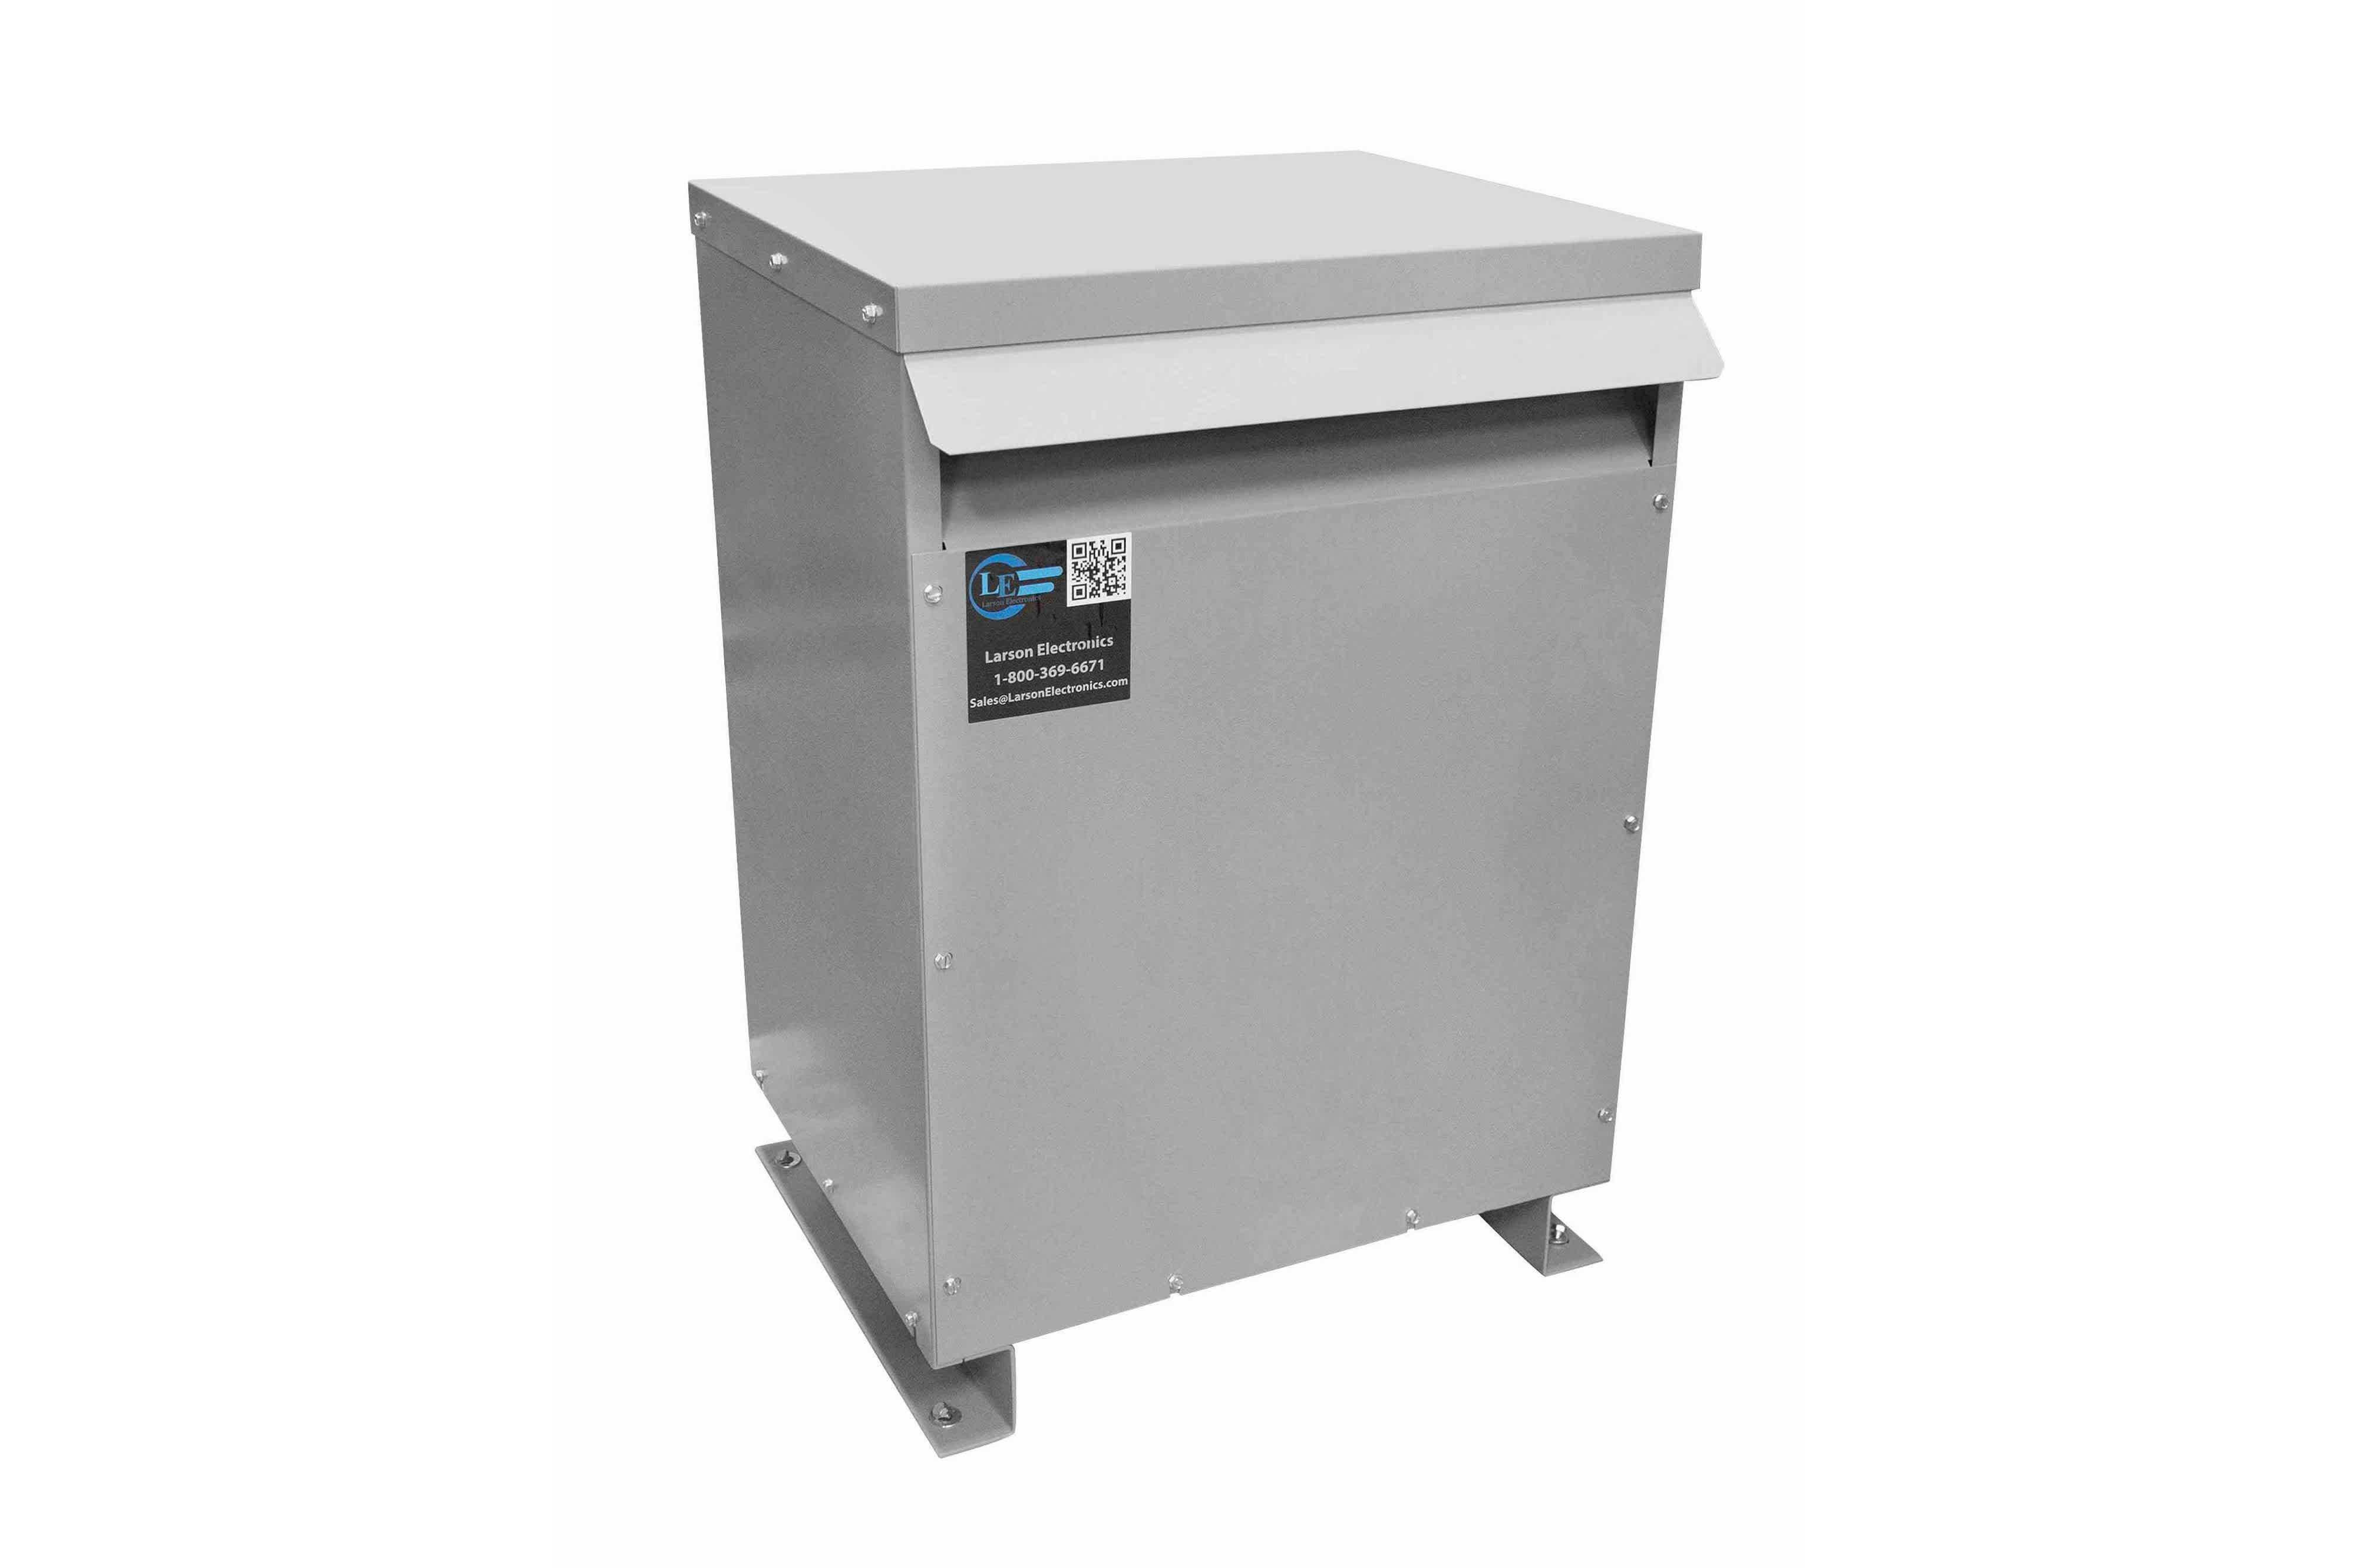 11 kVA 3PH Isolation Transformer, 240V Delta Primary, 415V Delta Secondary, N3R, Ventilated, 60 Hz